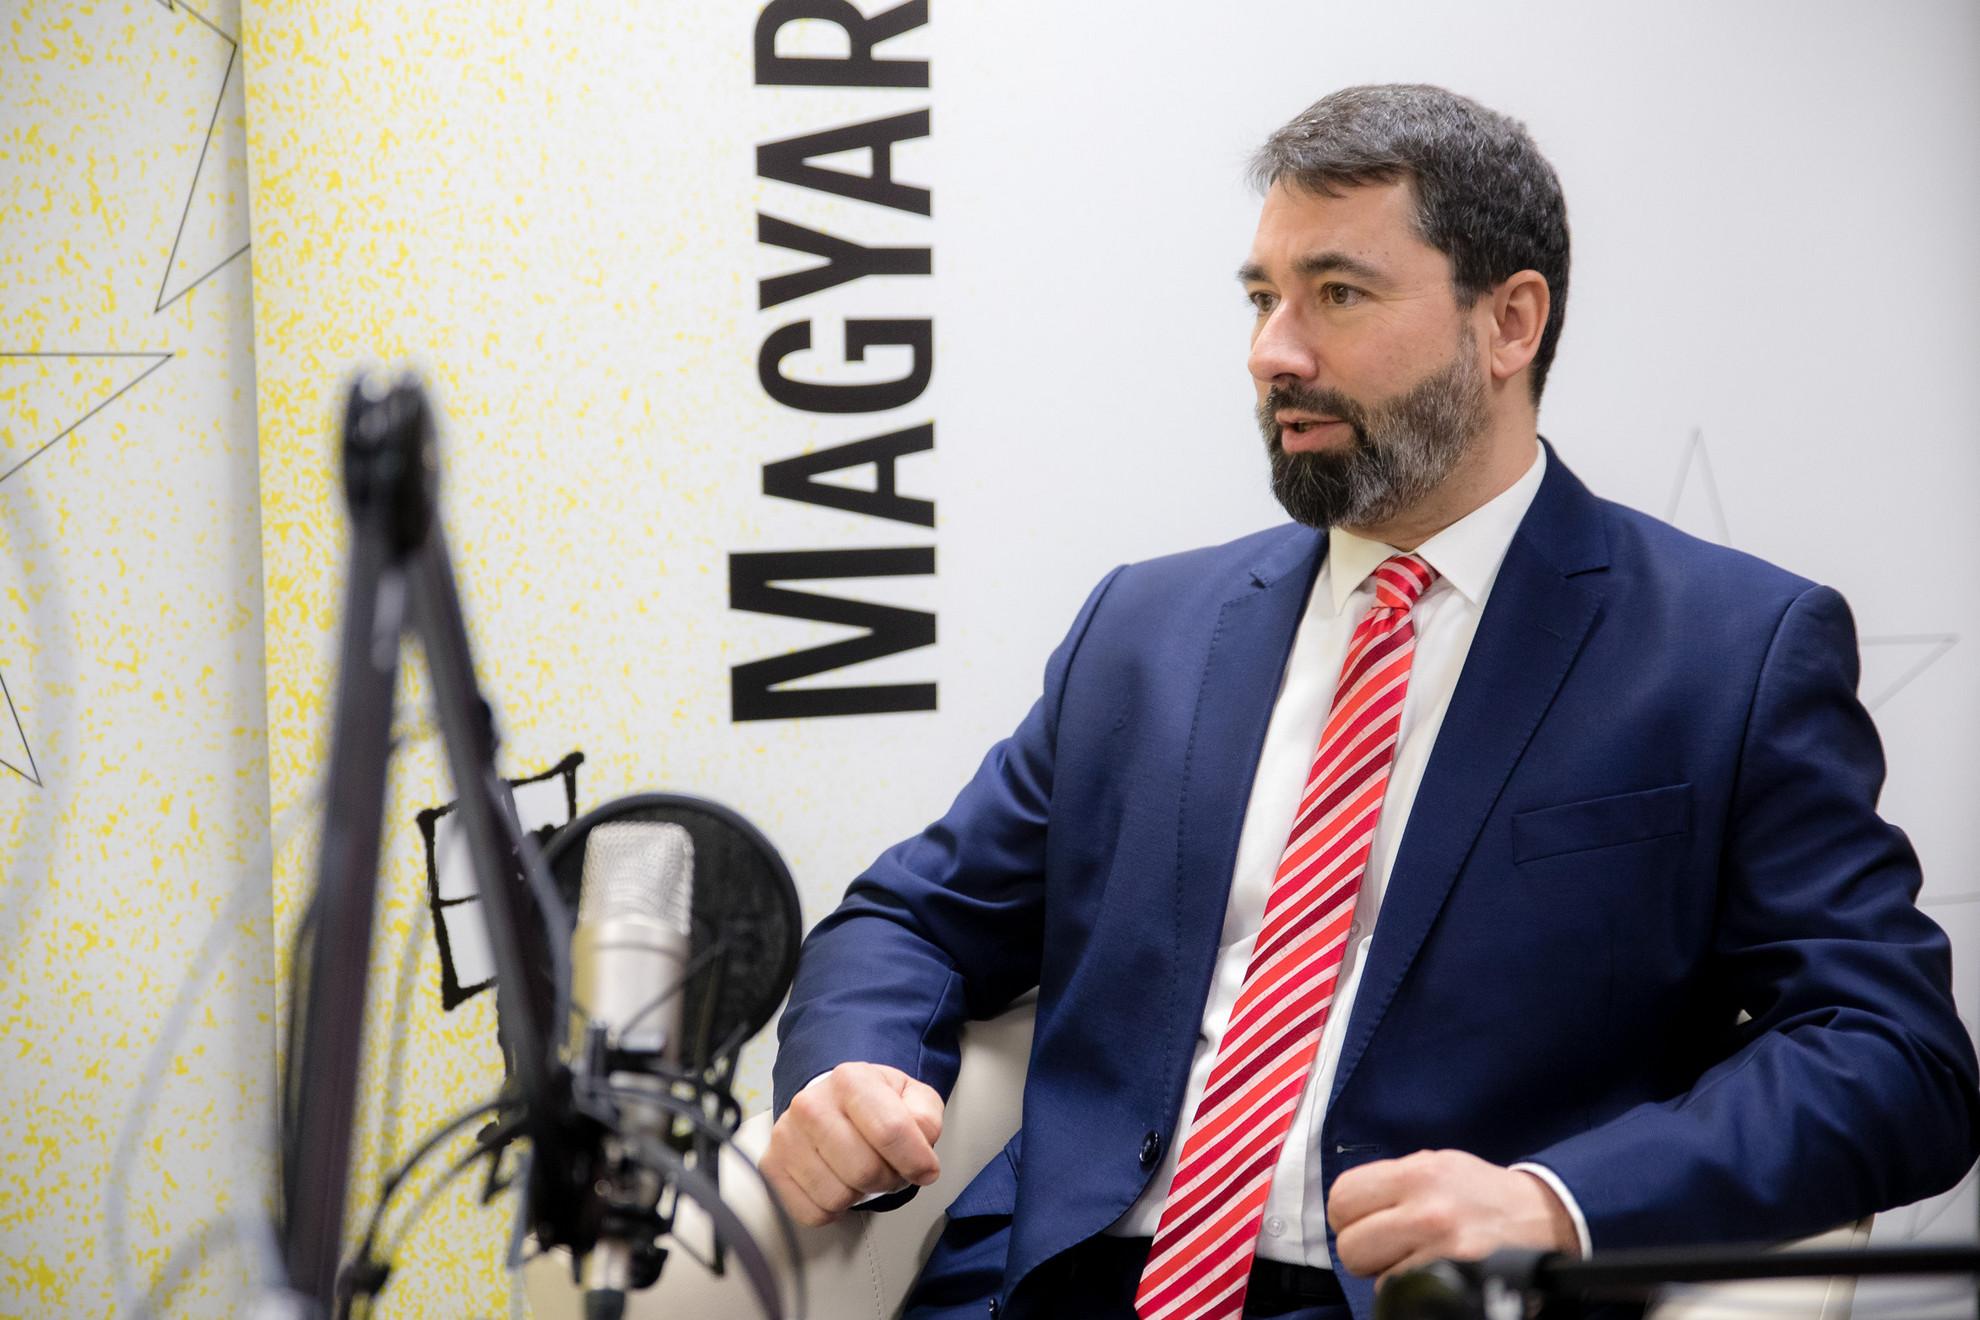 Hidvéghi Balázs, a Fidesz-KDNP európai parlamenti (EP-) képviselője a Magyar Hírlap Faktum című podcastjának felvételén